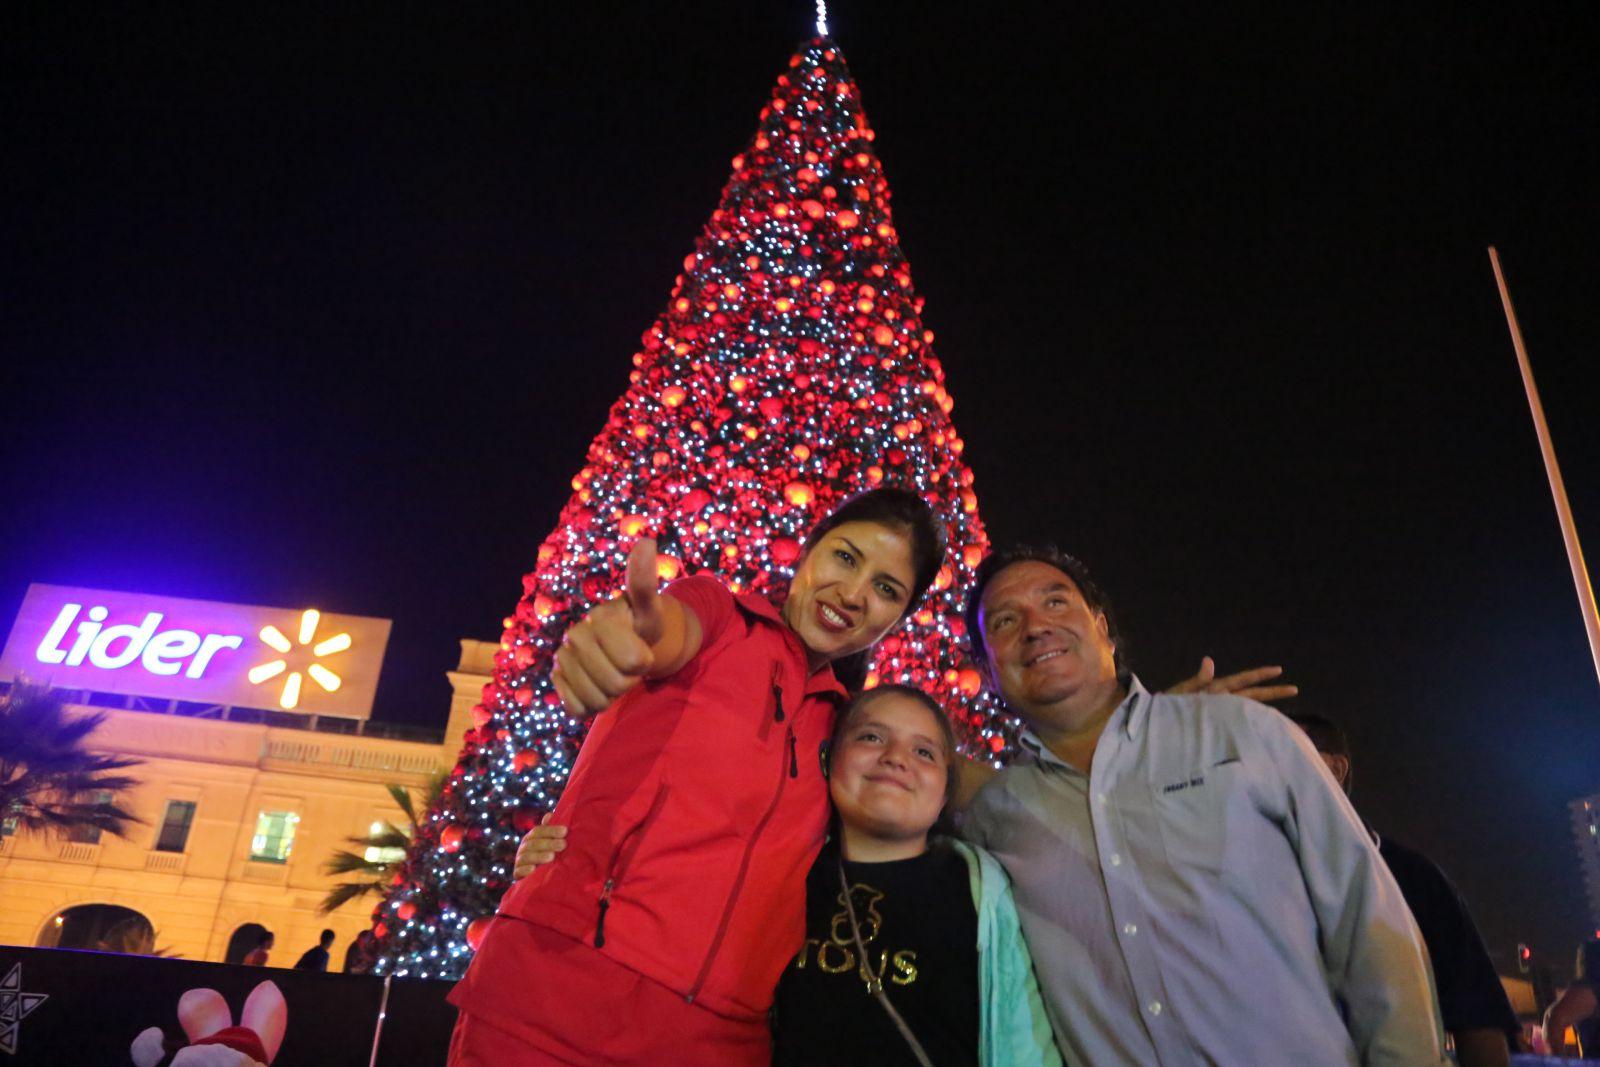 con-magico-espectaculo-se-vivio-el-tradicional-encendido-del-arbol-comunal-de-navidad